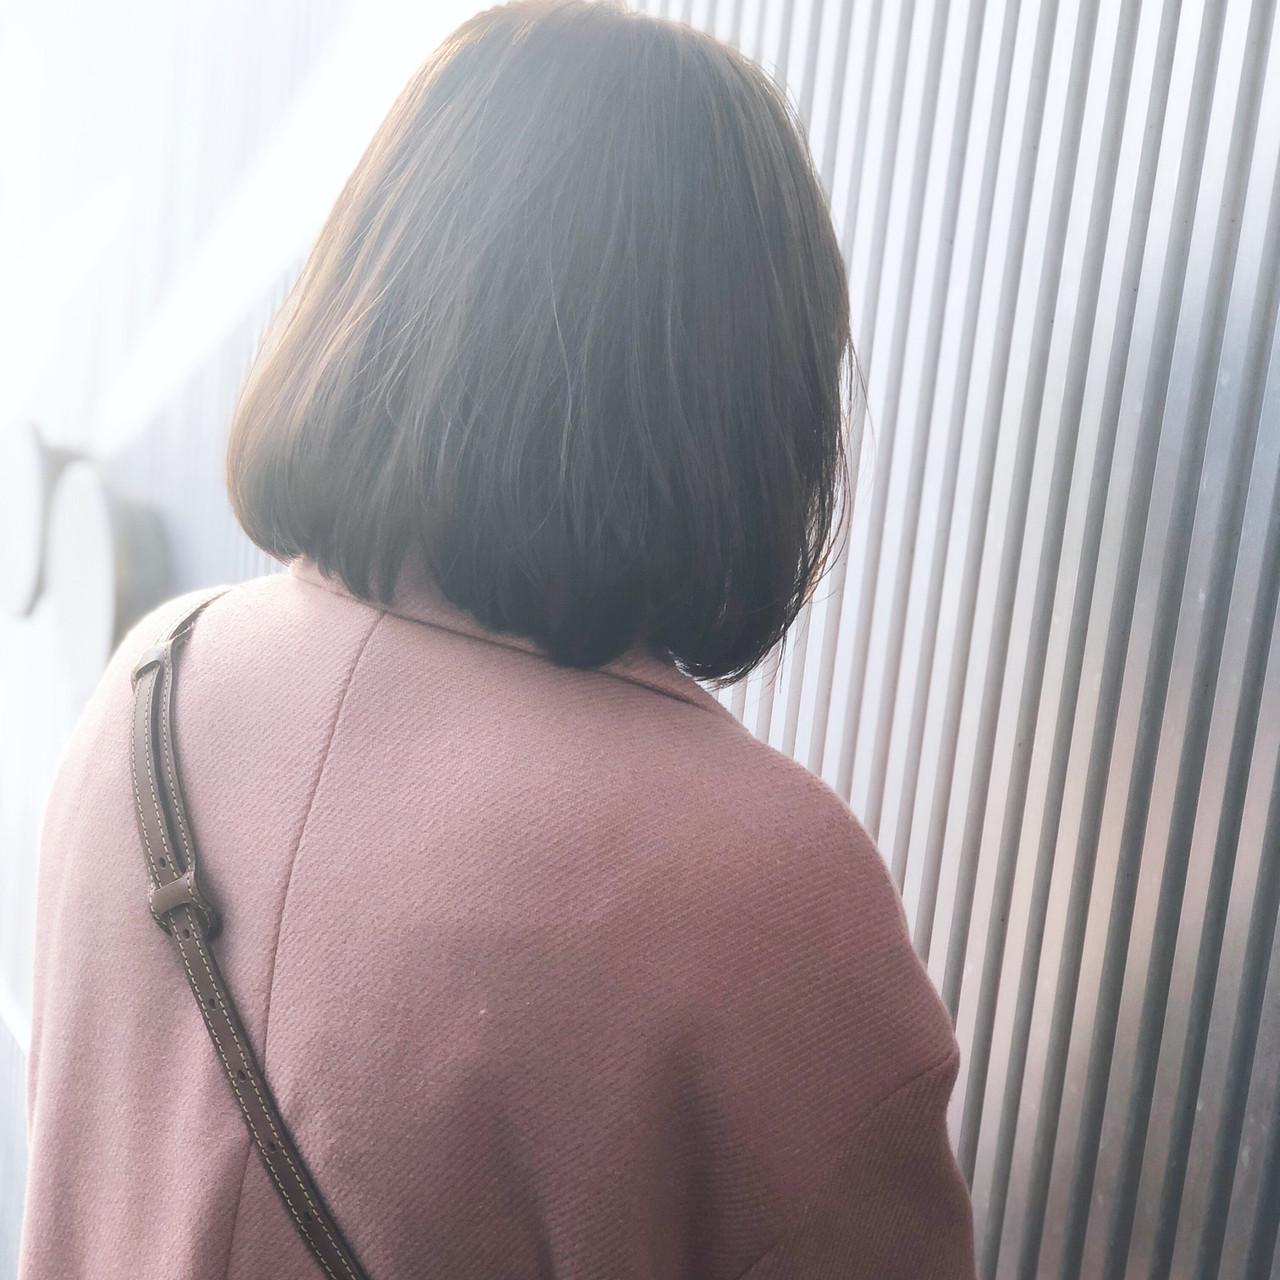 ナチュラル アッシュ 透明感 グレージュ ヘアスタイルや髪型の写真・画像   萩原 翔志也/ブリーチなしグレージュ/ストレート / Vicca 青山